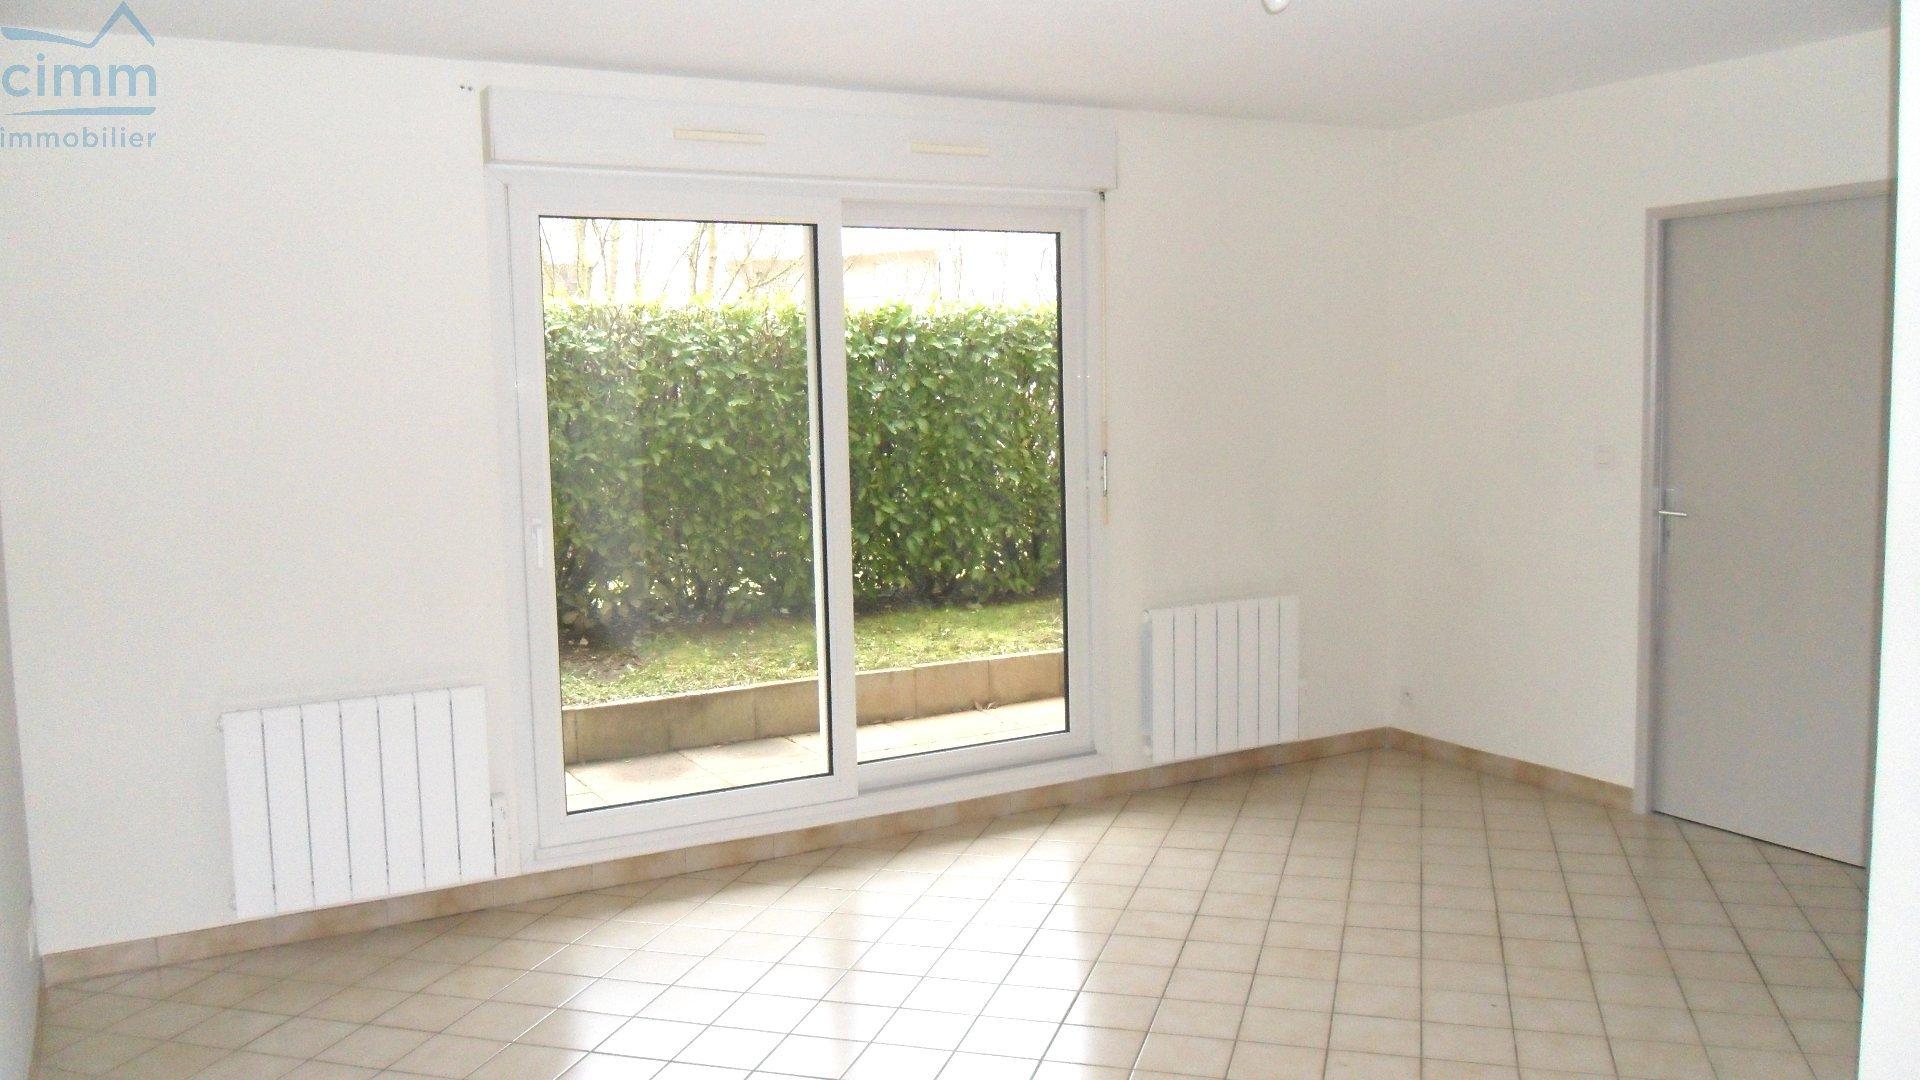 (Cg1288) Location Dijon Toison D'or, Appartement T2 En Rez-De-Jar avec Appartement Rez De Jardin Dijon